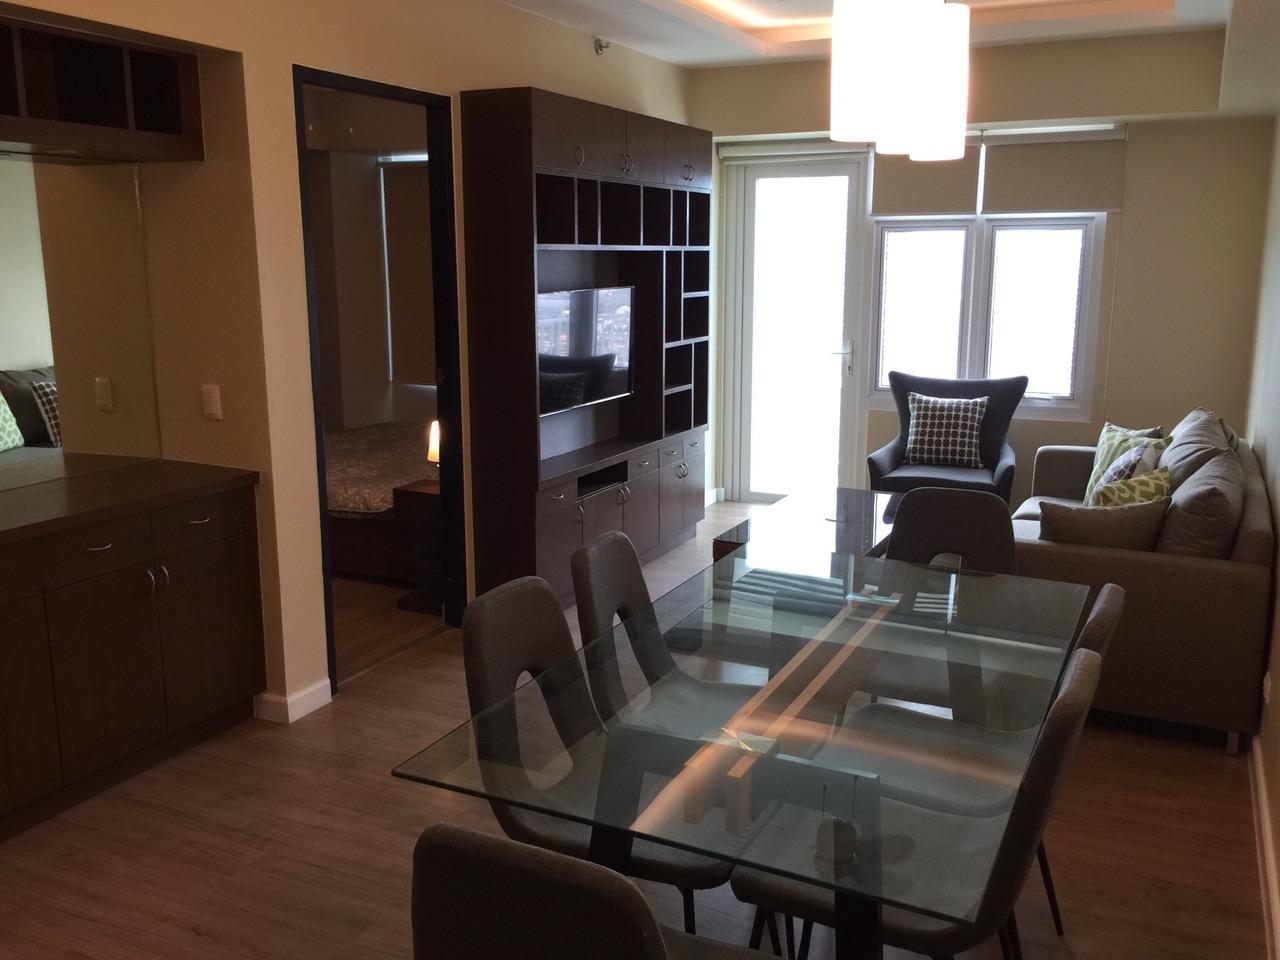 Condominium For Rent in 26th Street Corner 11th Avenue, Bonifacio Global City, Metro Manila